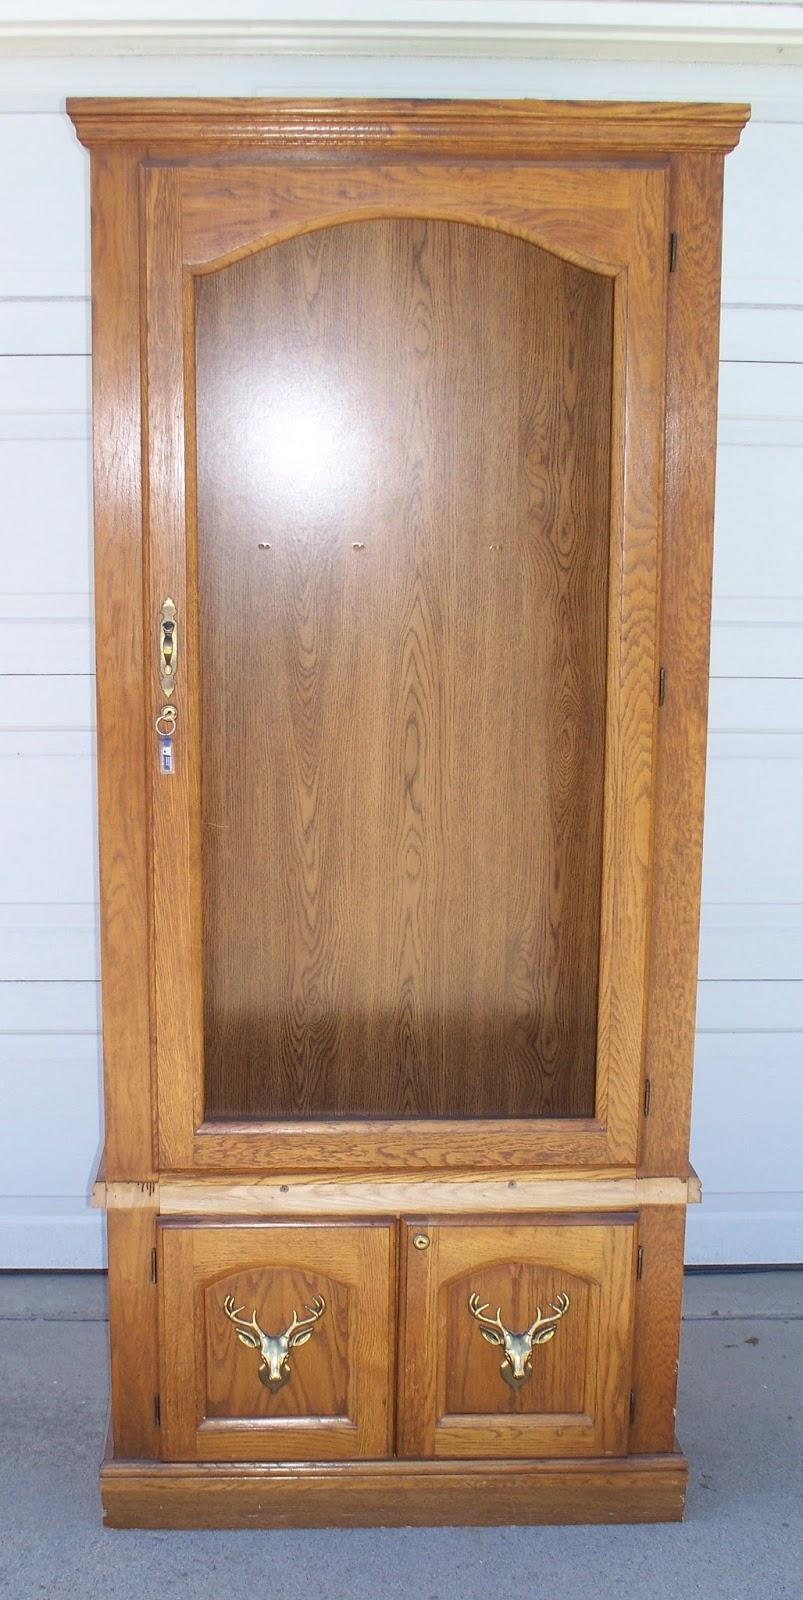 ORU12: Another Repurposed Gun Cabinet